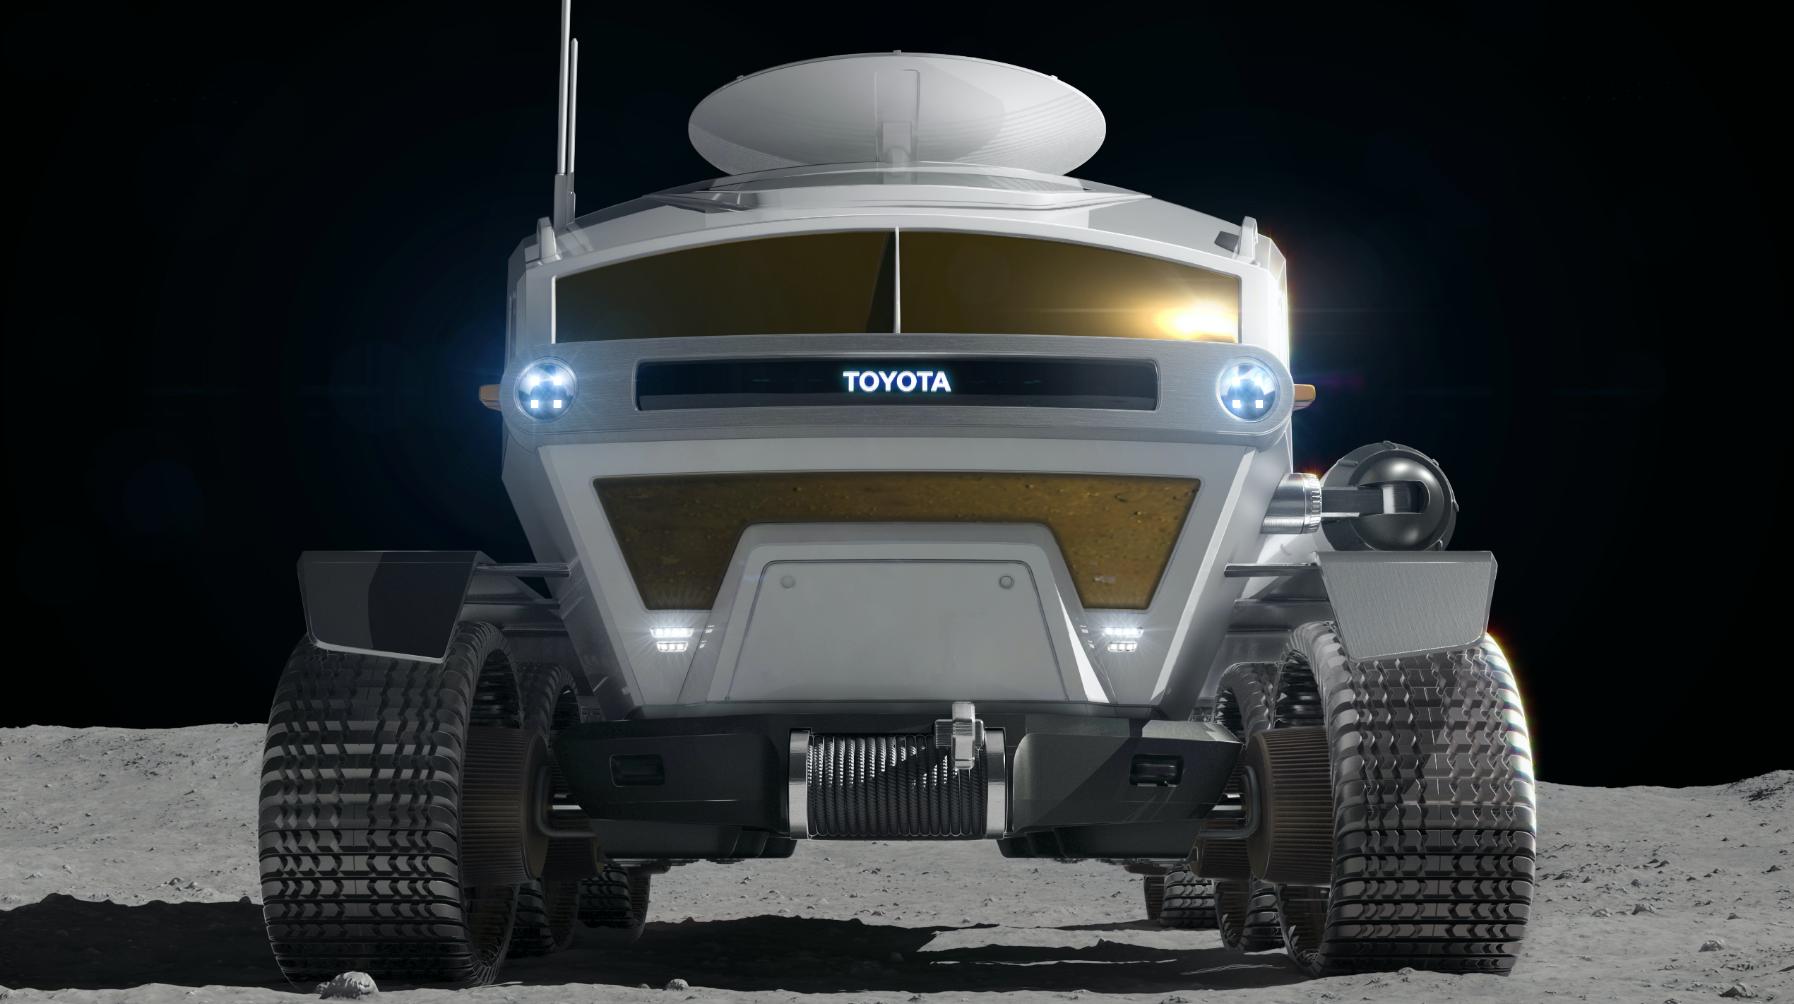 2029 - [Toyota] JAXA Pressurized Rover Concept Fxq2881xpoxtjzktk5ix